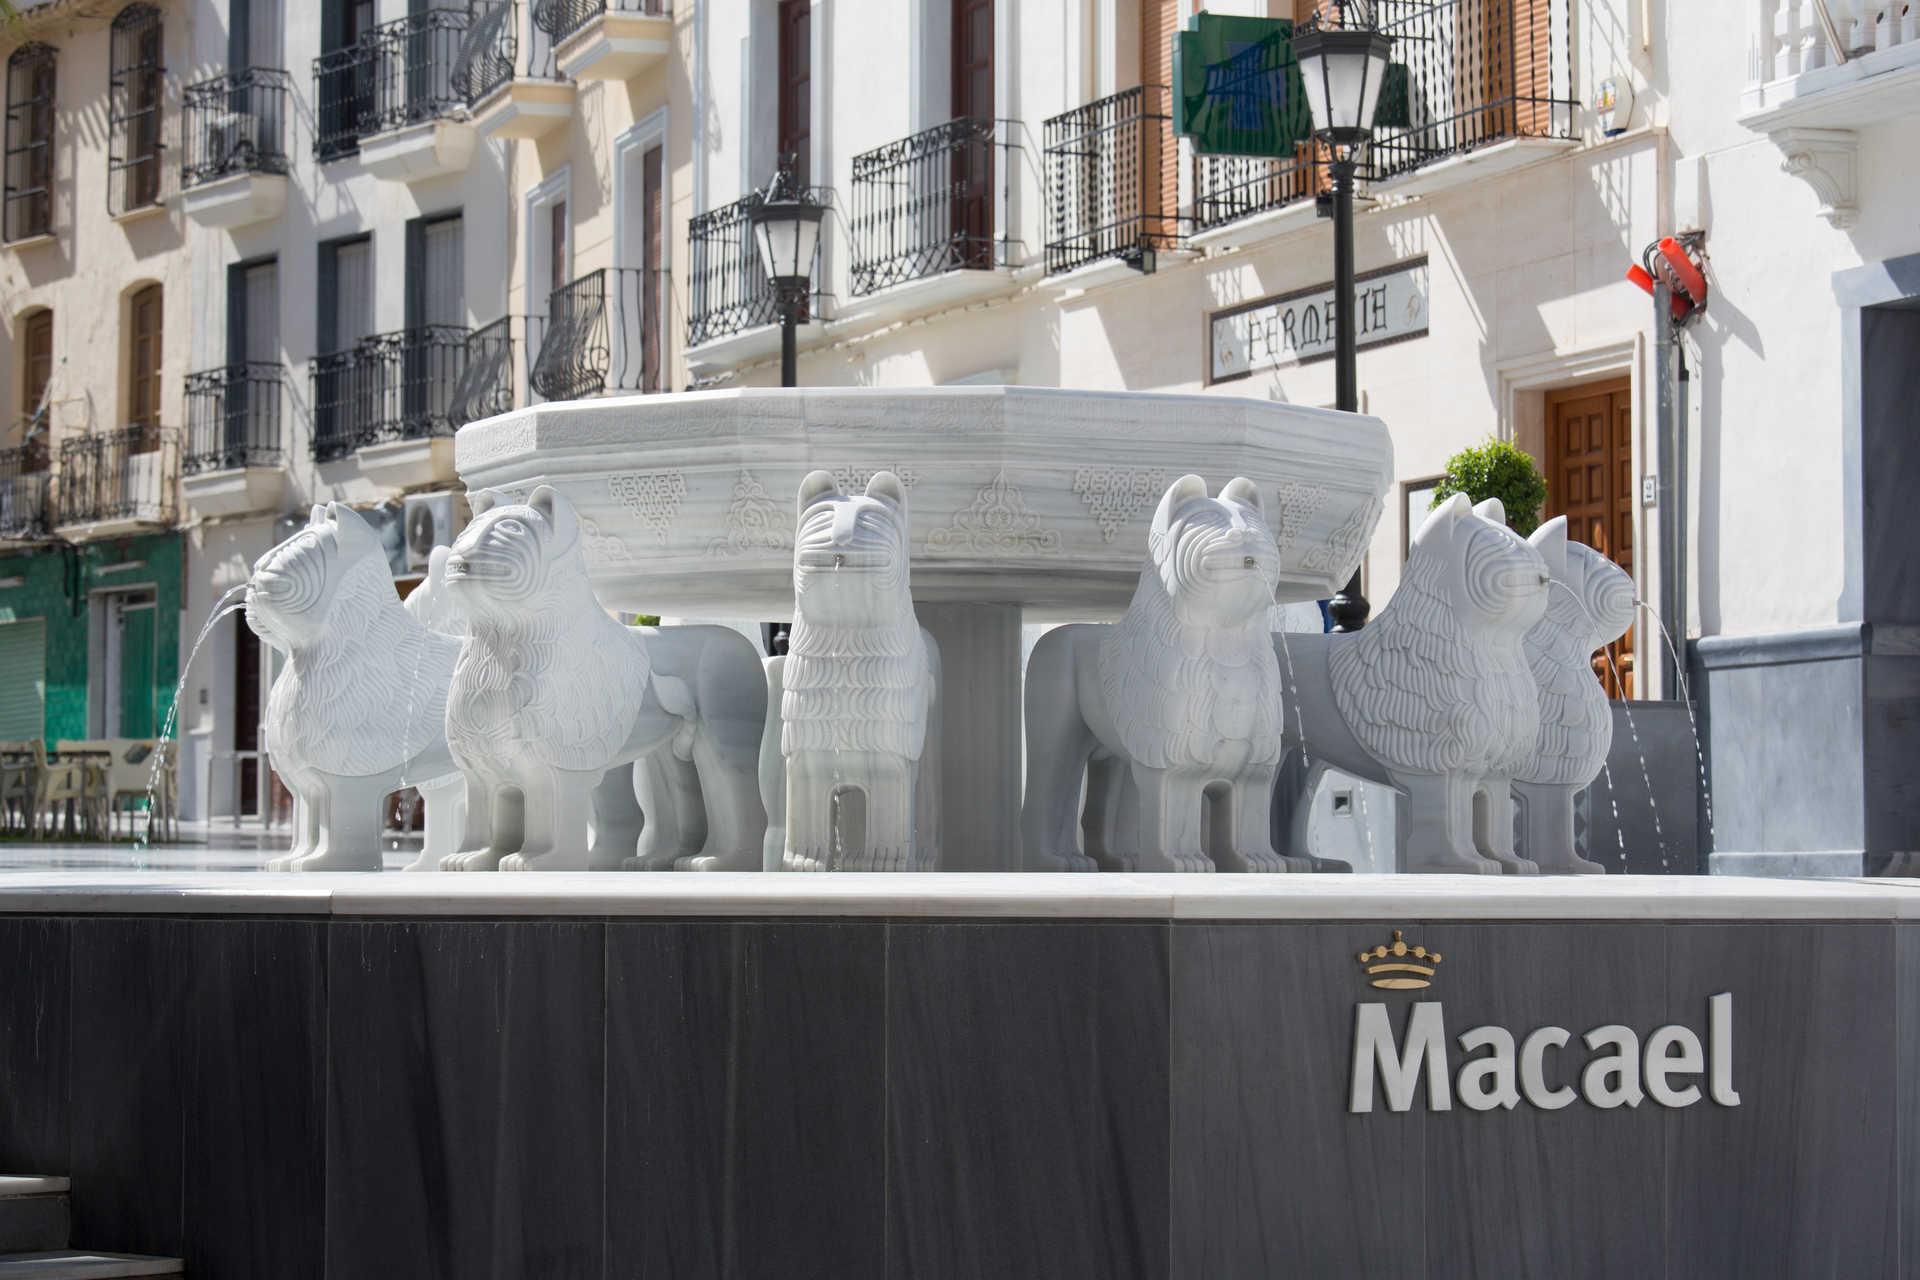 Visita a talleres de artesanía y escultura-Centro Interpretación Mármol de Macael